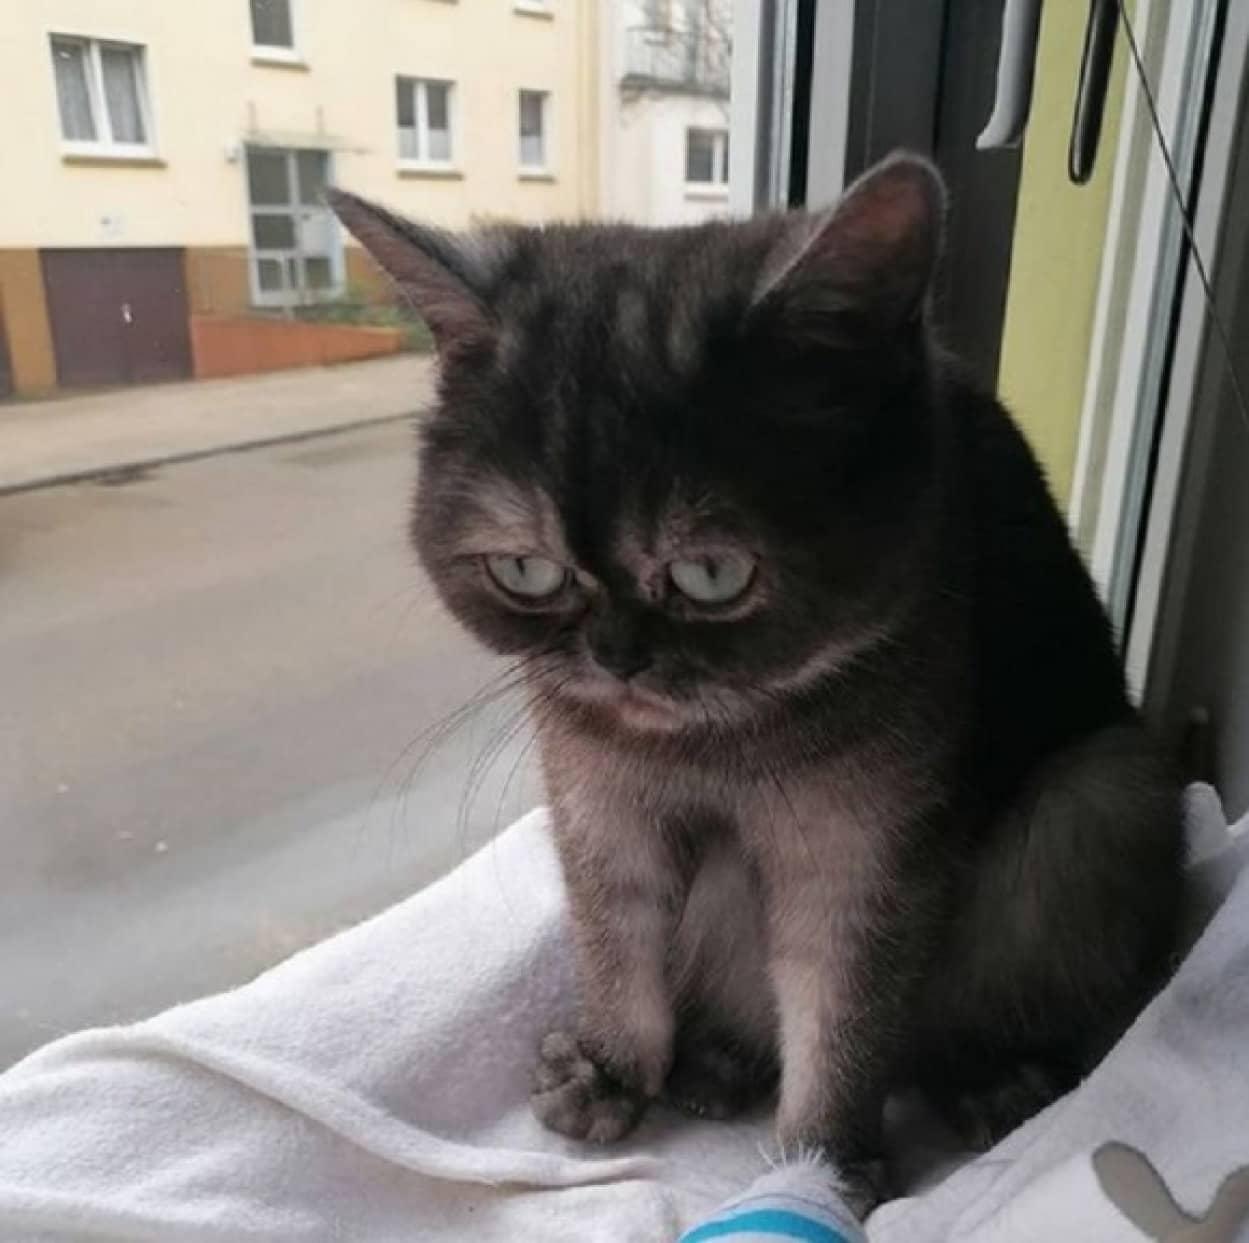 気難しい表情をした猫、1年後の保護施設暮らしの後やっと永遠の家に